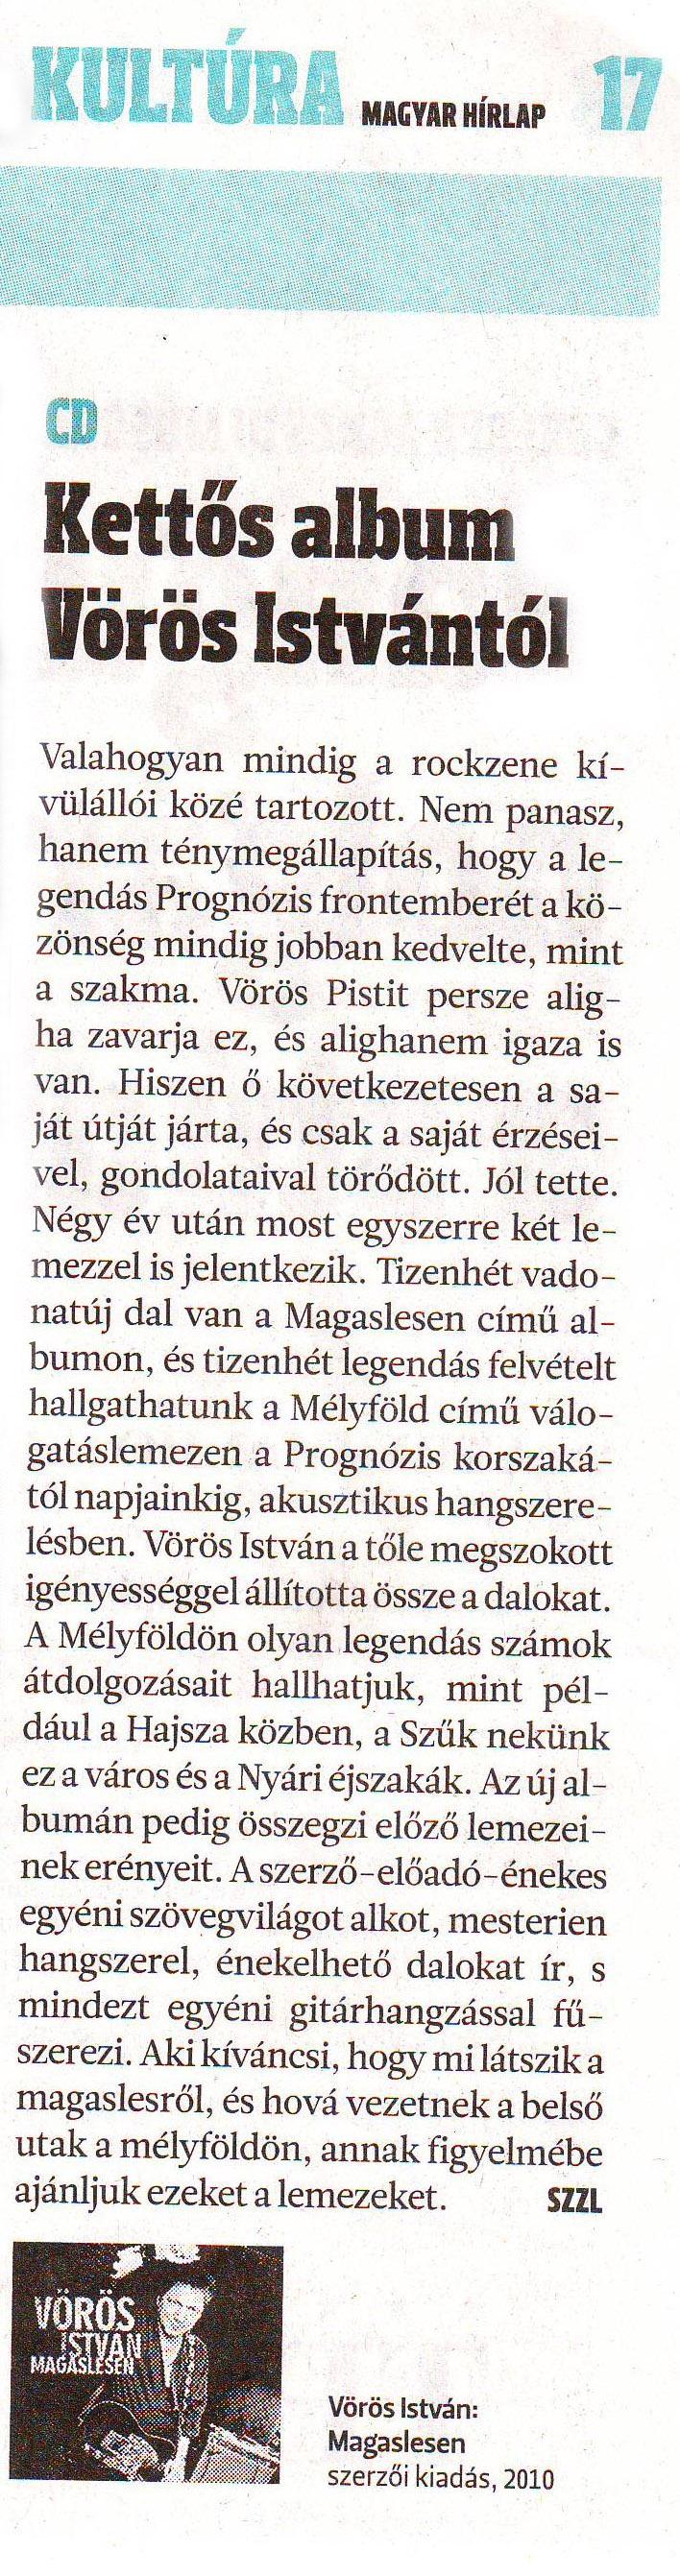 Magyar Hírlap 2010 cikk